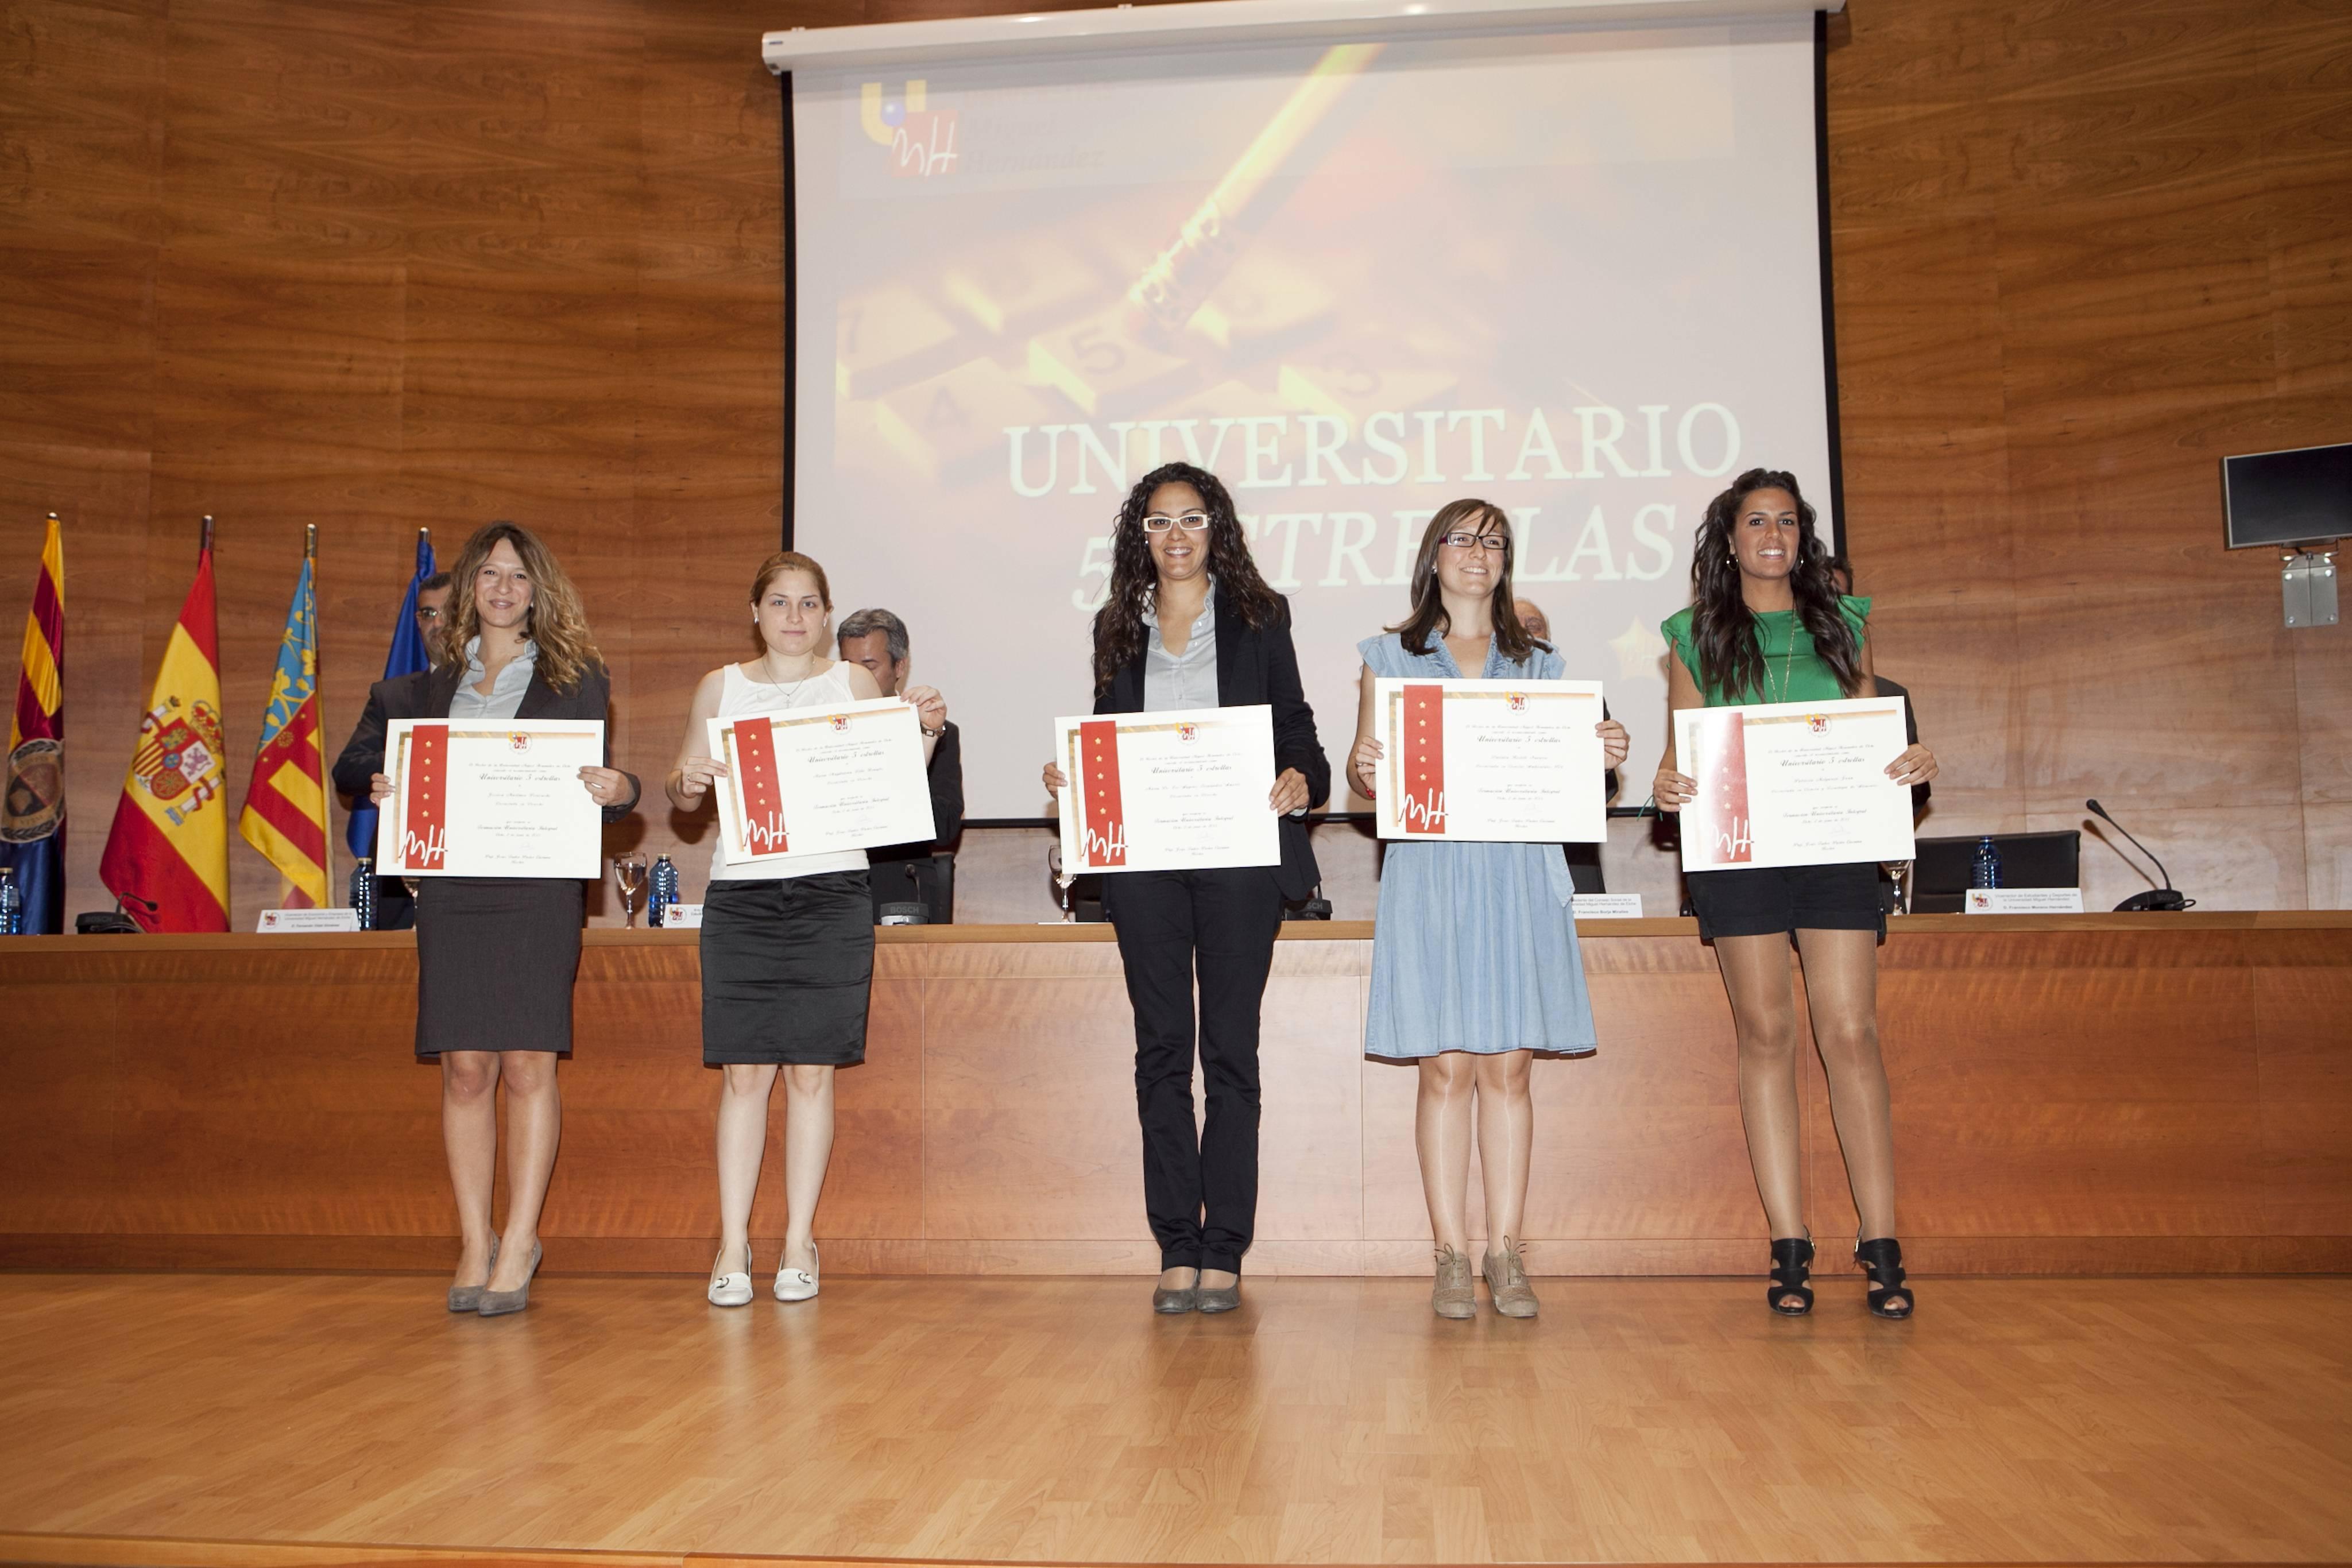 premios-5-estrellas_mg_0594.jpg